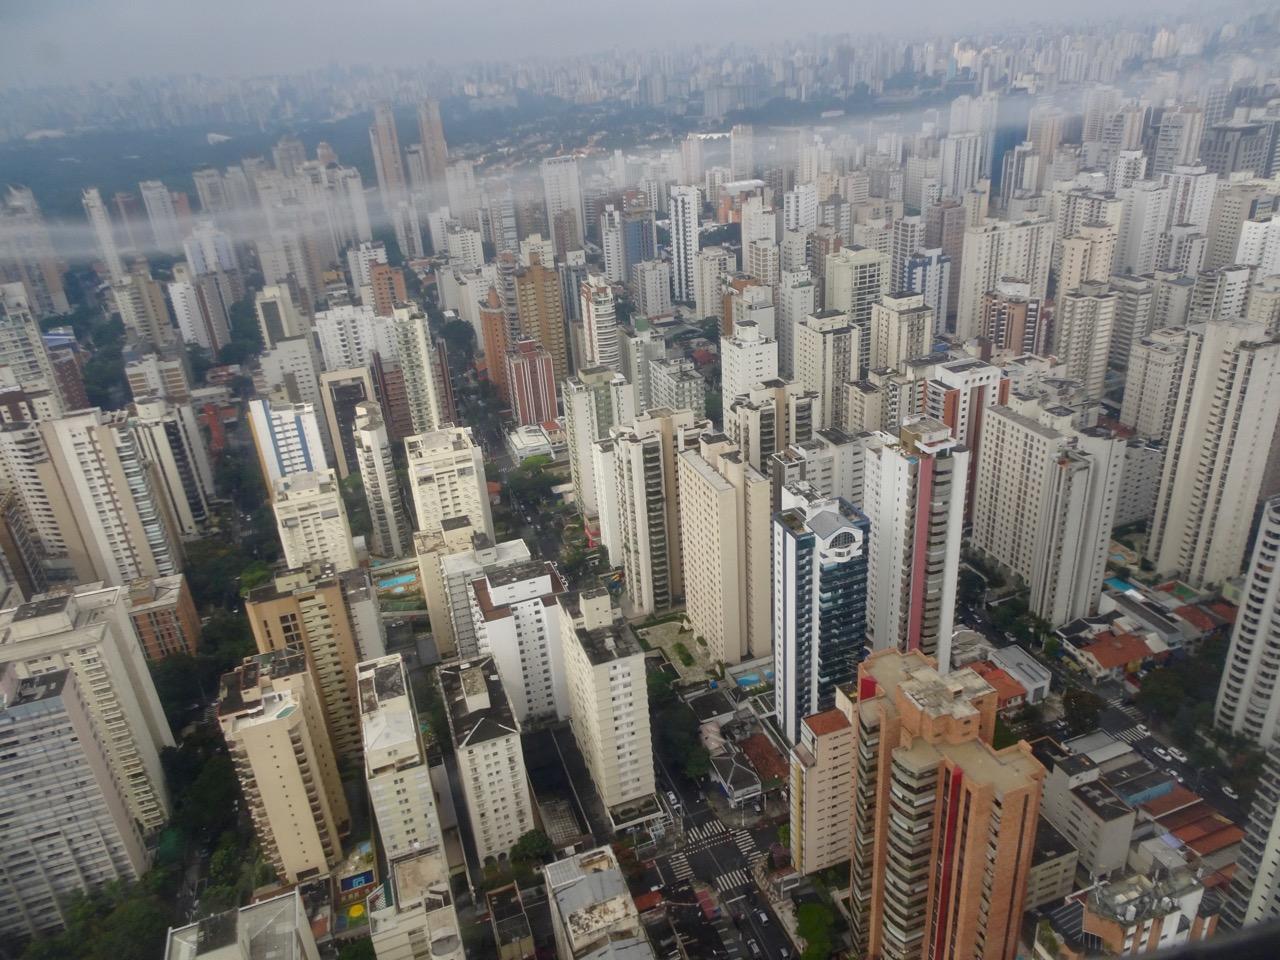 Anflug auf São Paulo